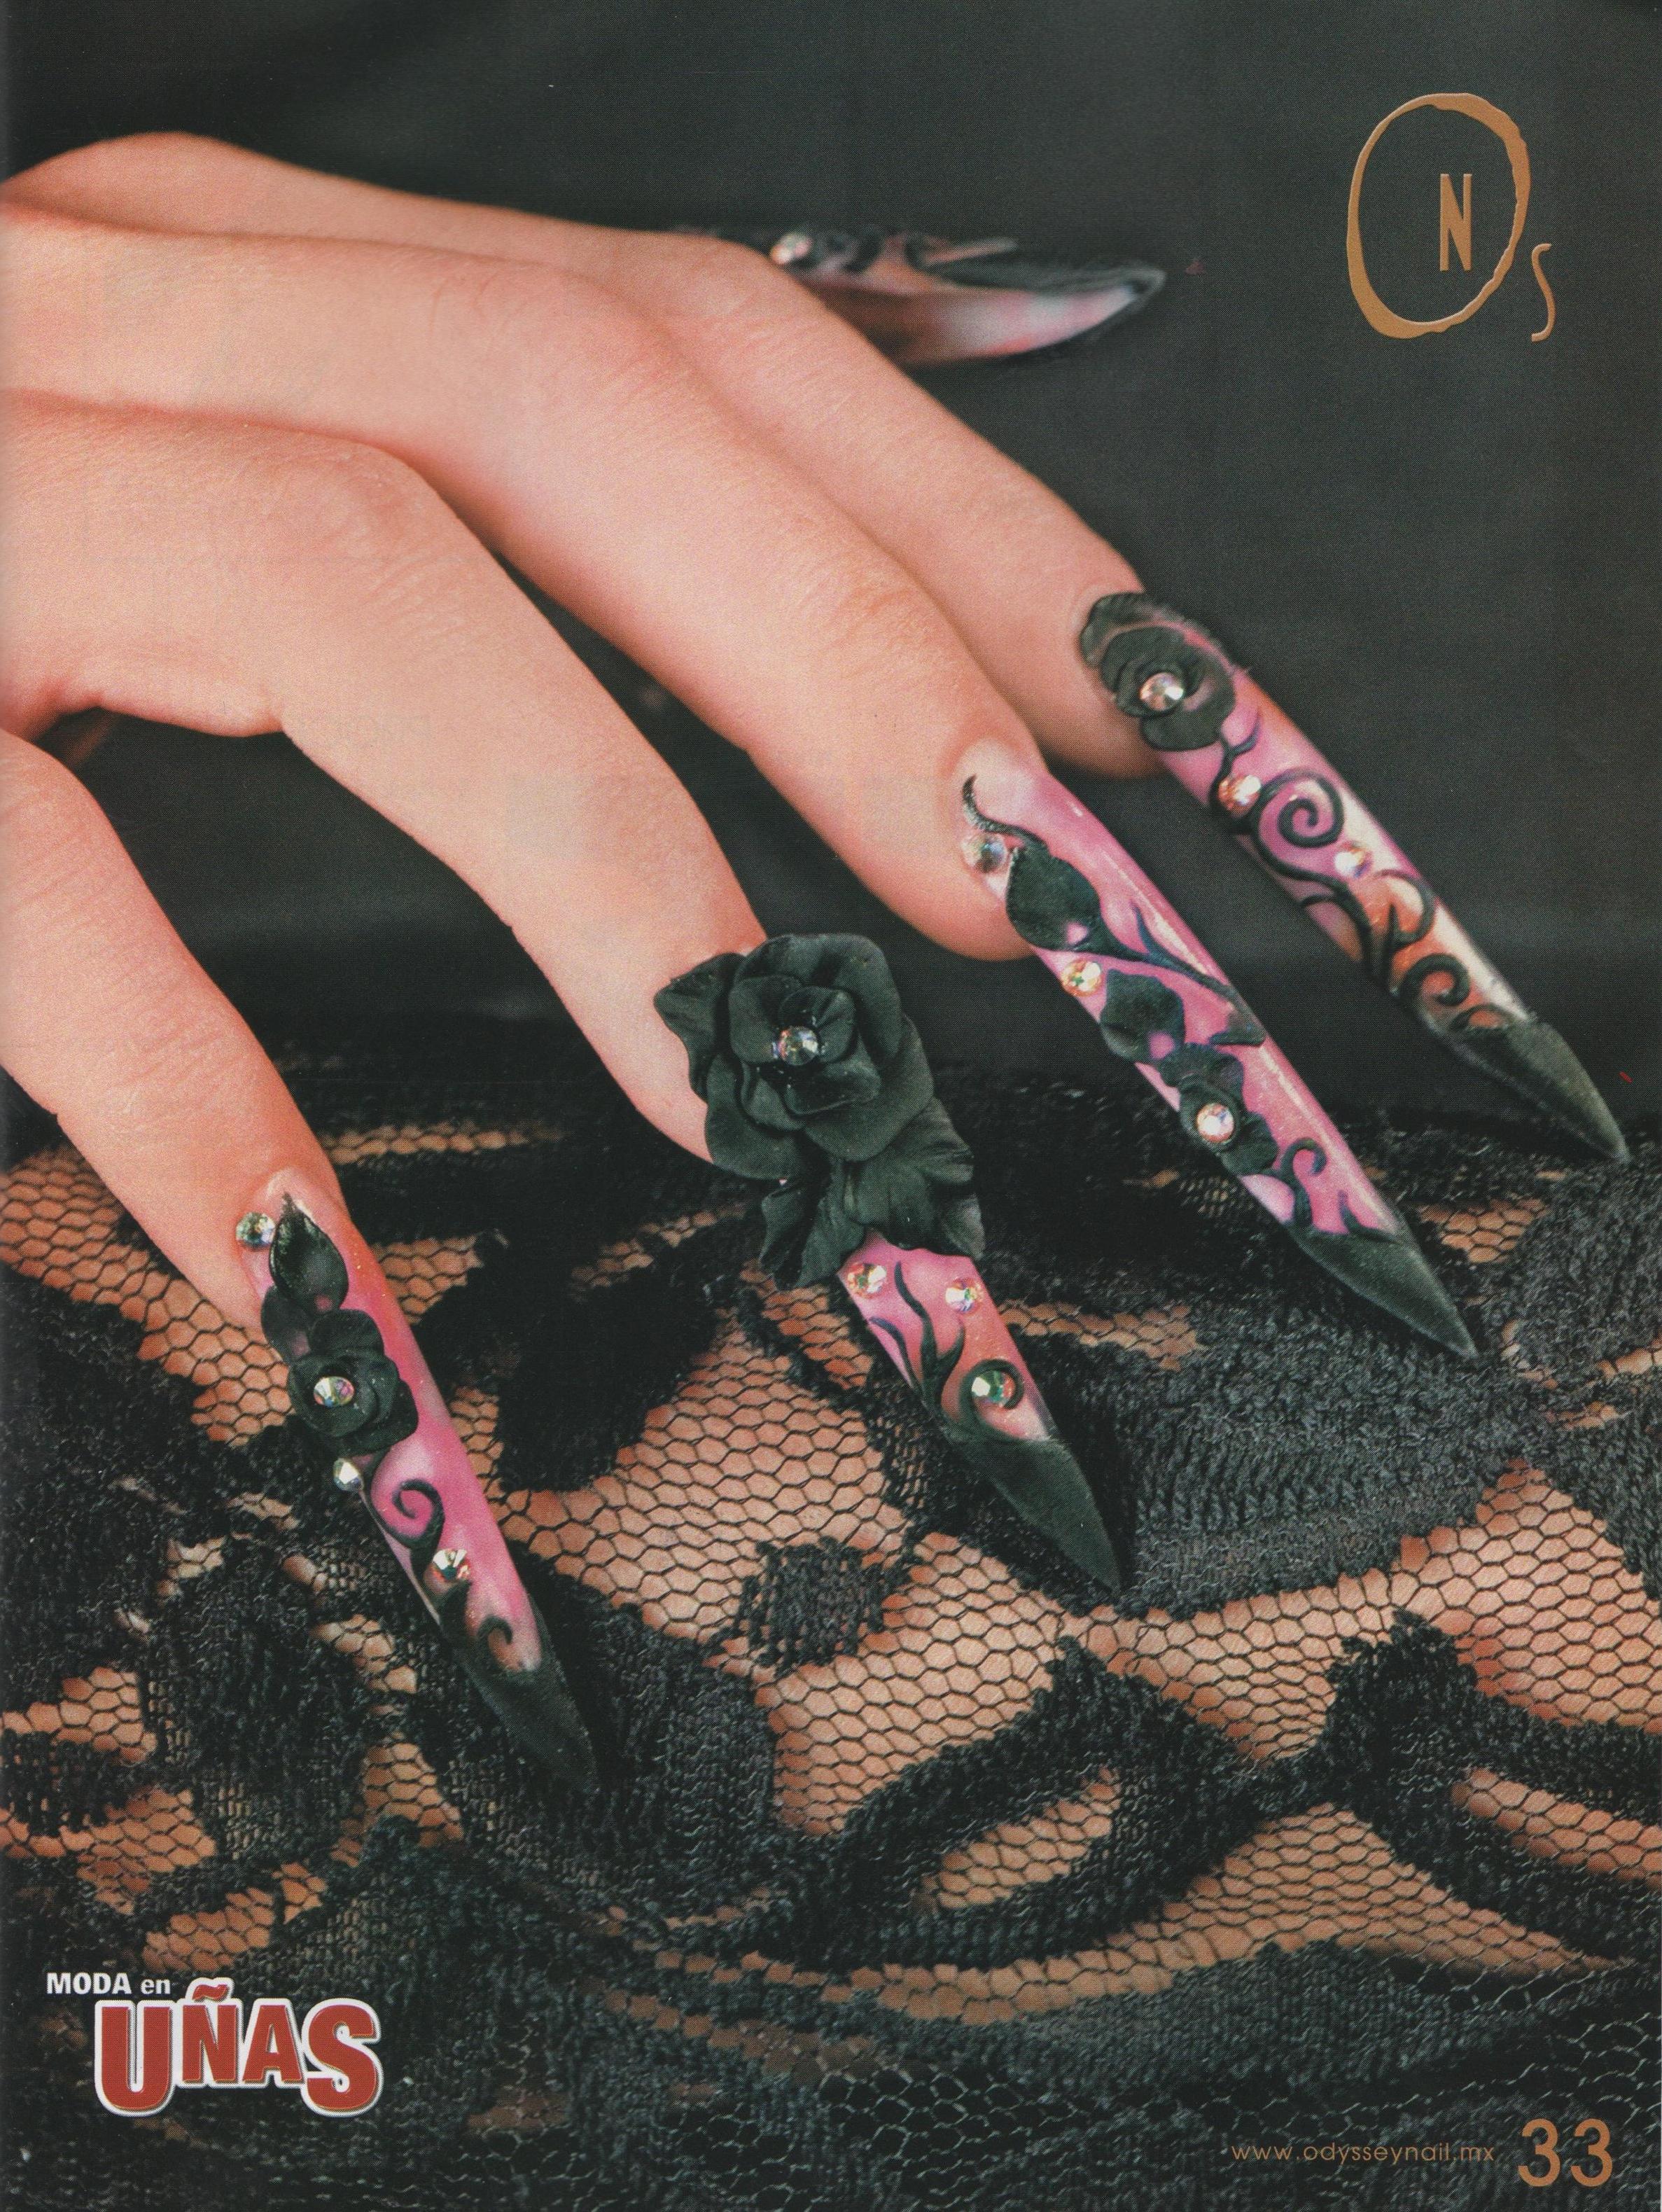 Mexico Nail Mag Image